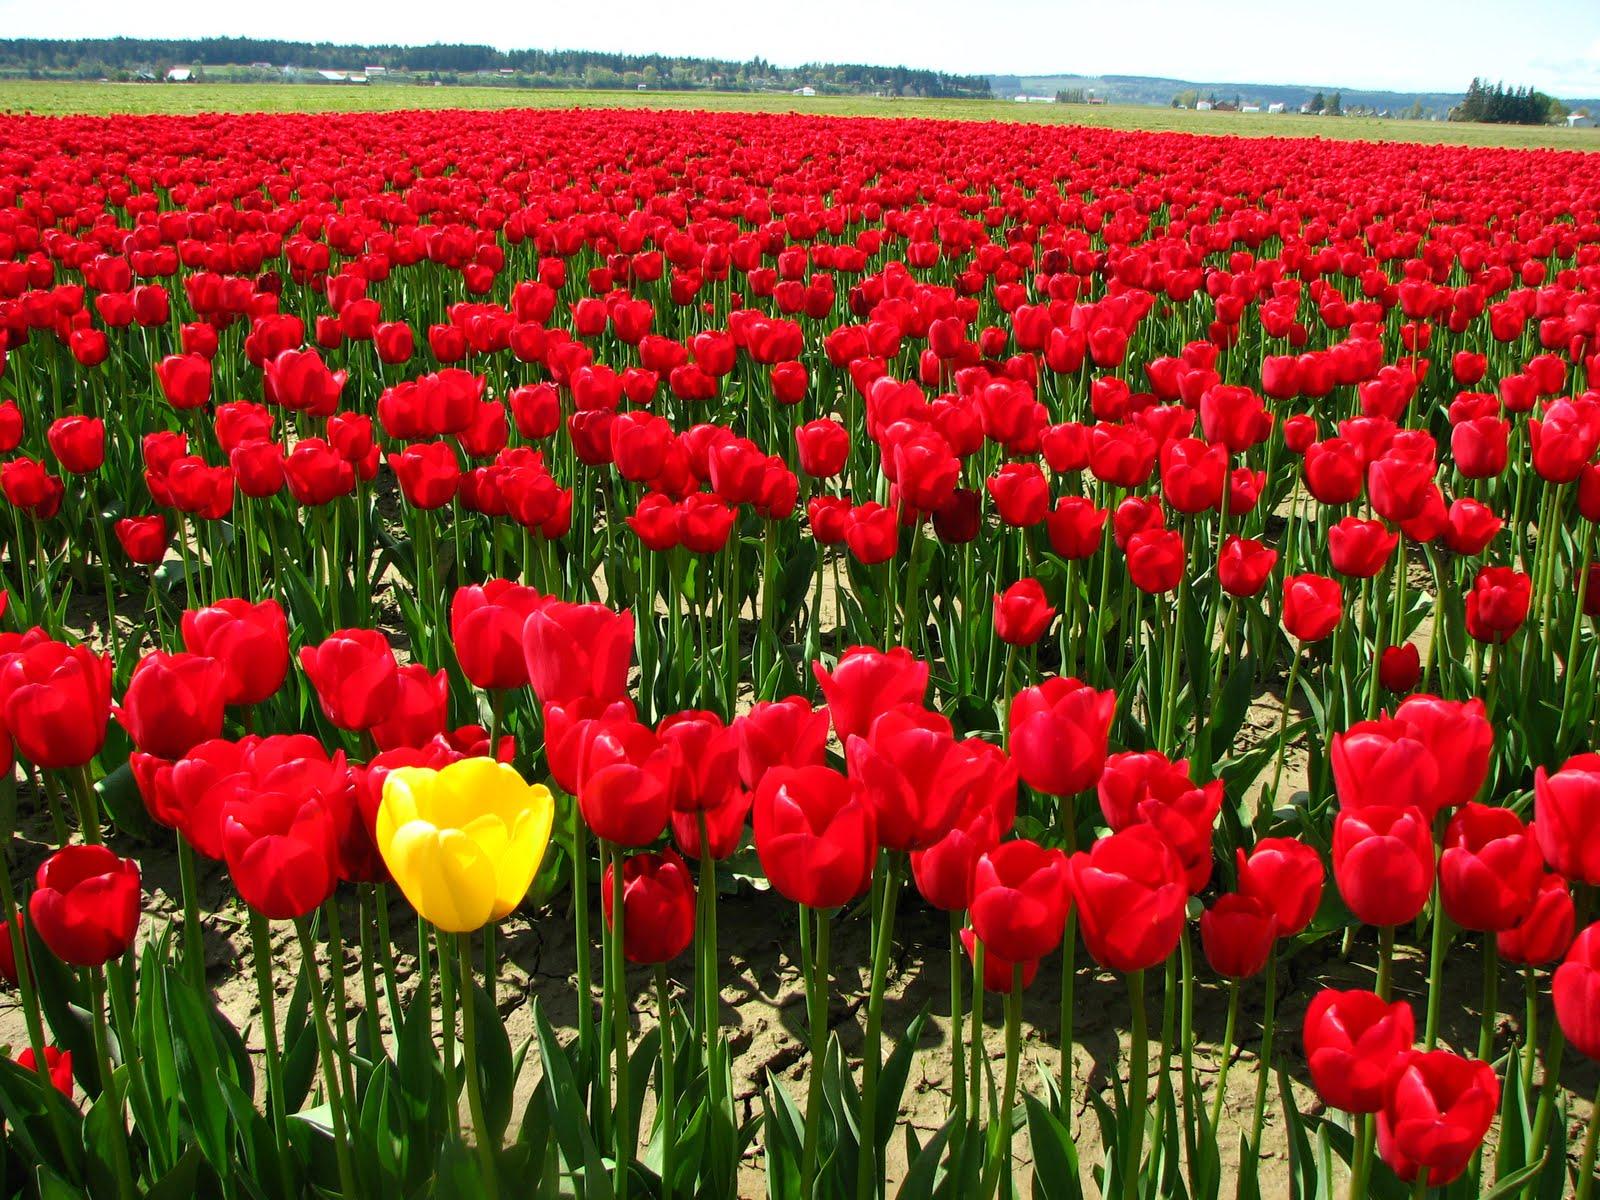 http://4.bp.blogspot.com/-uVQMWs9dzsw/TcuAfkeO0_I/AAAAAAAAAbU/CJ09nYv4UMo/s1600/red+tulips3.jpg